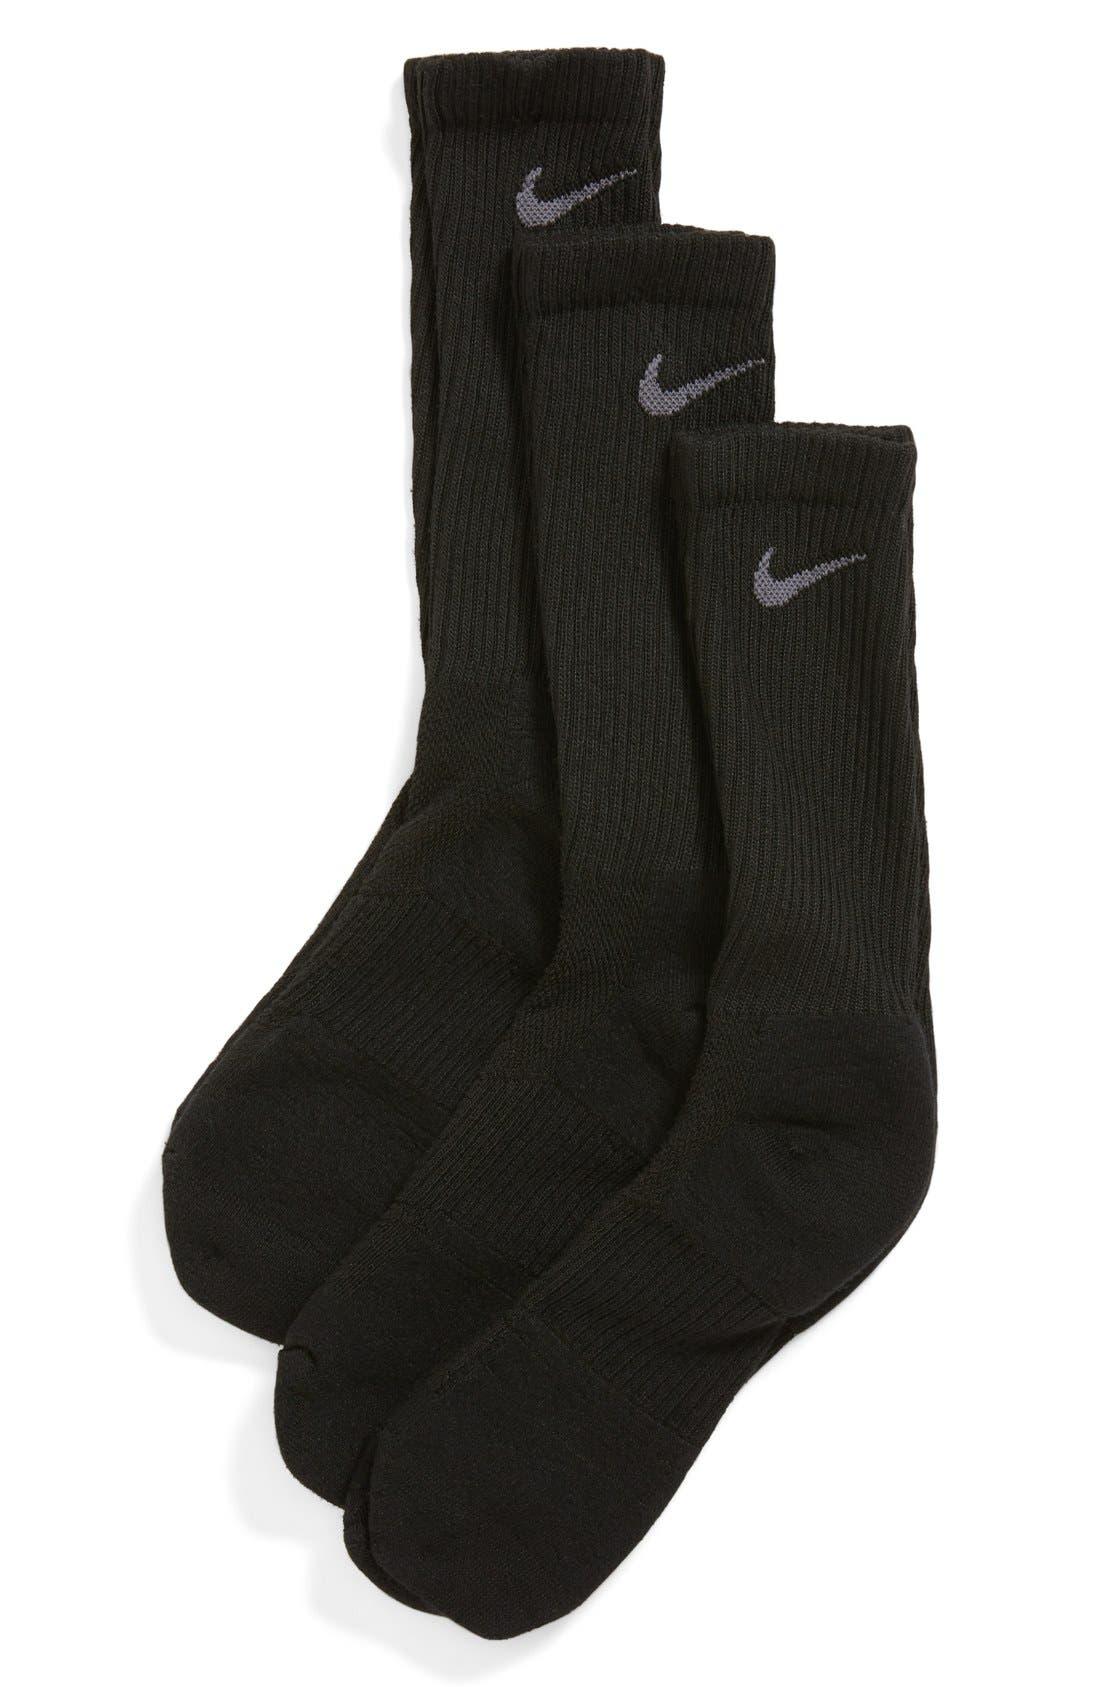 Nike Dri-FIT 3-Pack Crew Socks